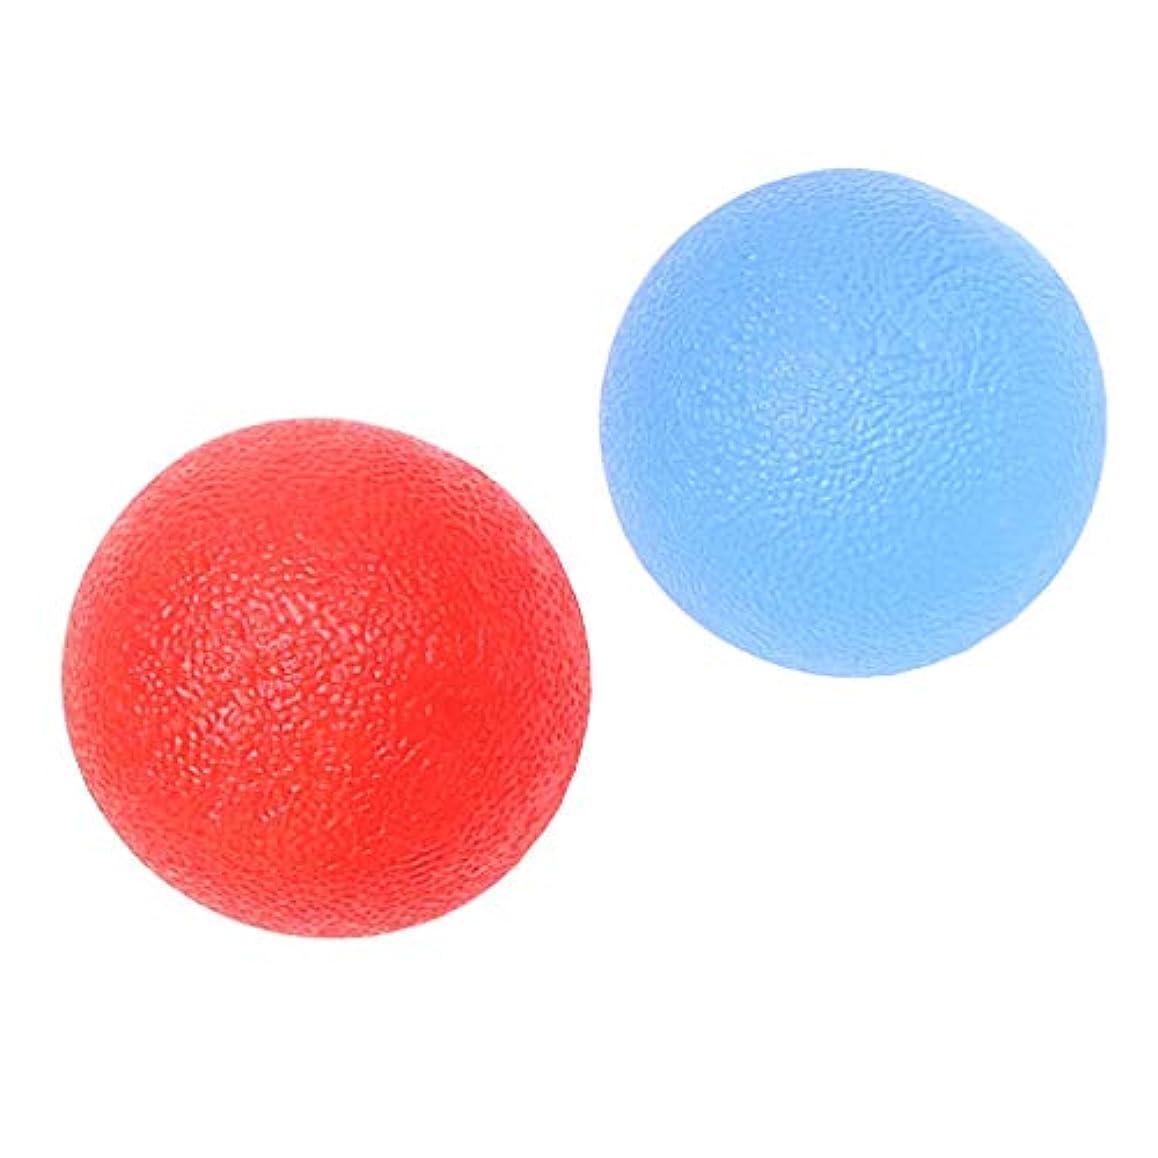 領域急速なメイトFLAMEER 2個 ハンドエクササイズボール ハンドグリップ シリコン 指トレーニング ストレス緩和 柔軟 赤/青